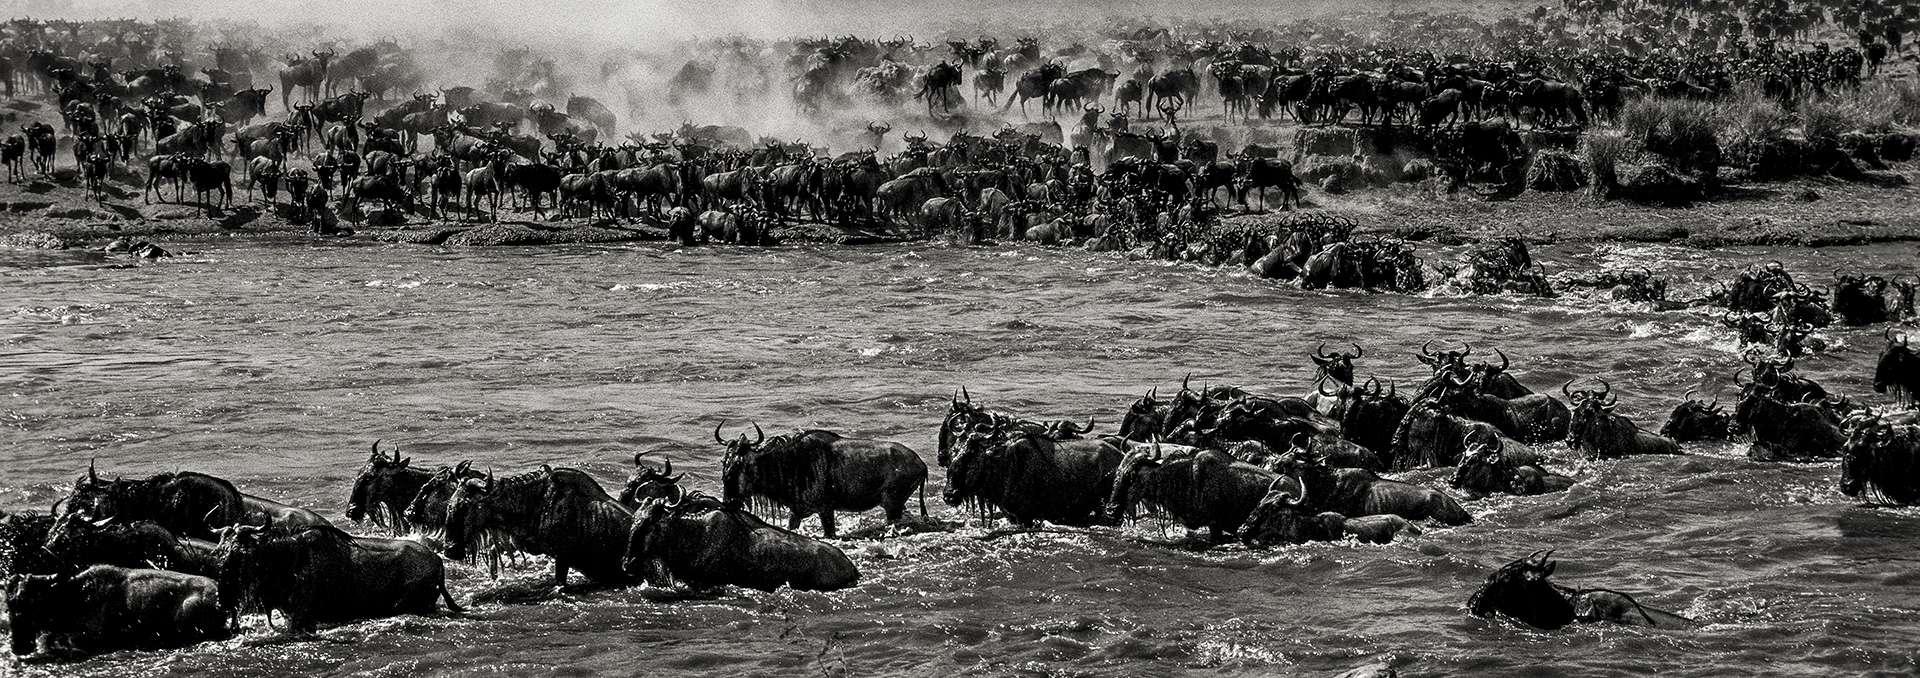 Photographie de Gilles Martin : gnou du Kenya, Struggle for life